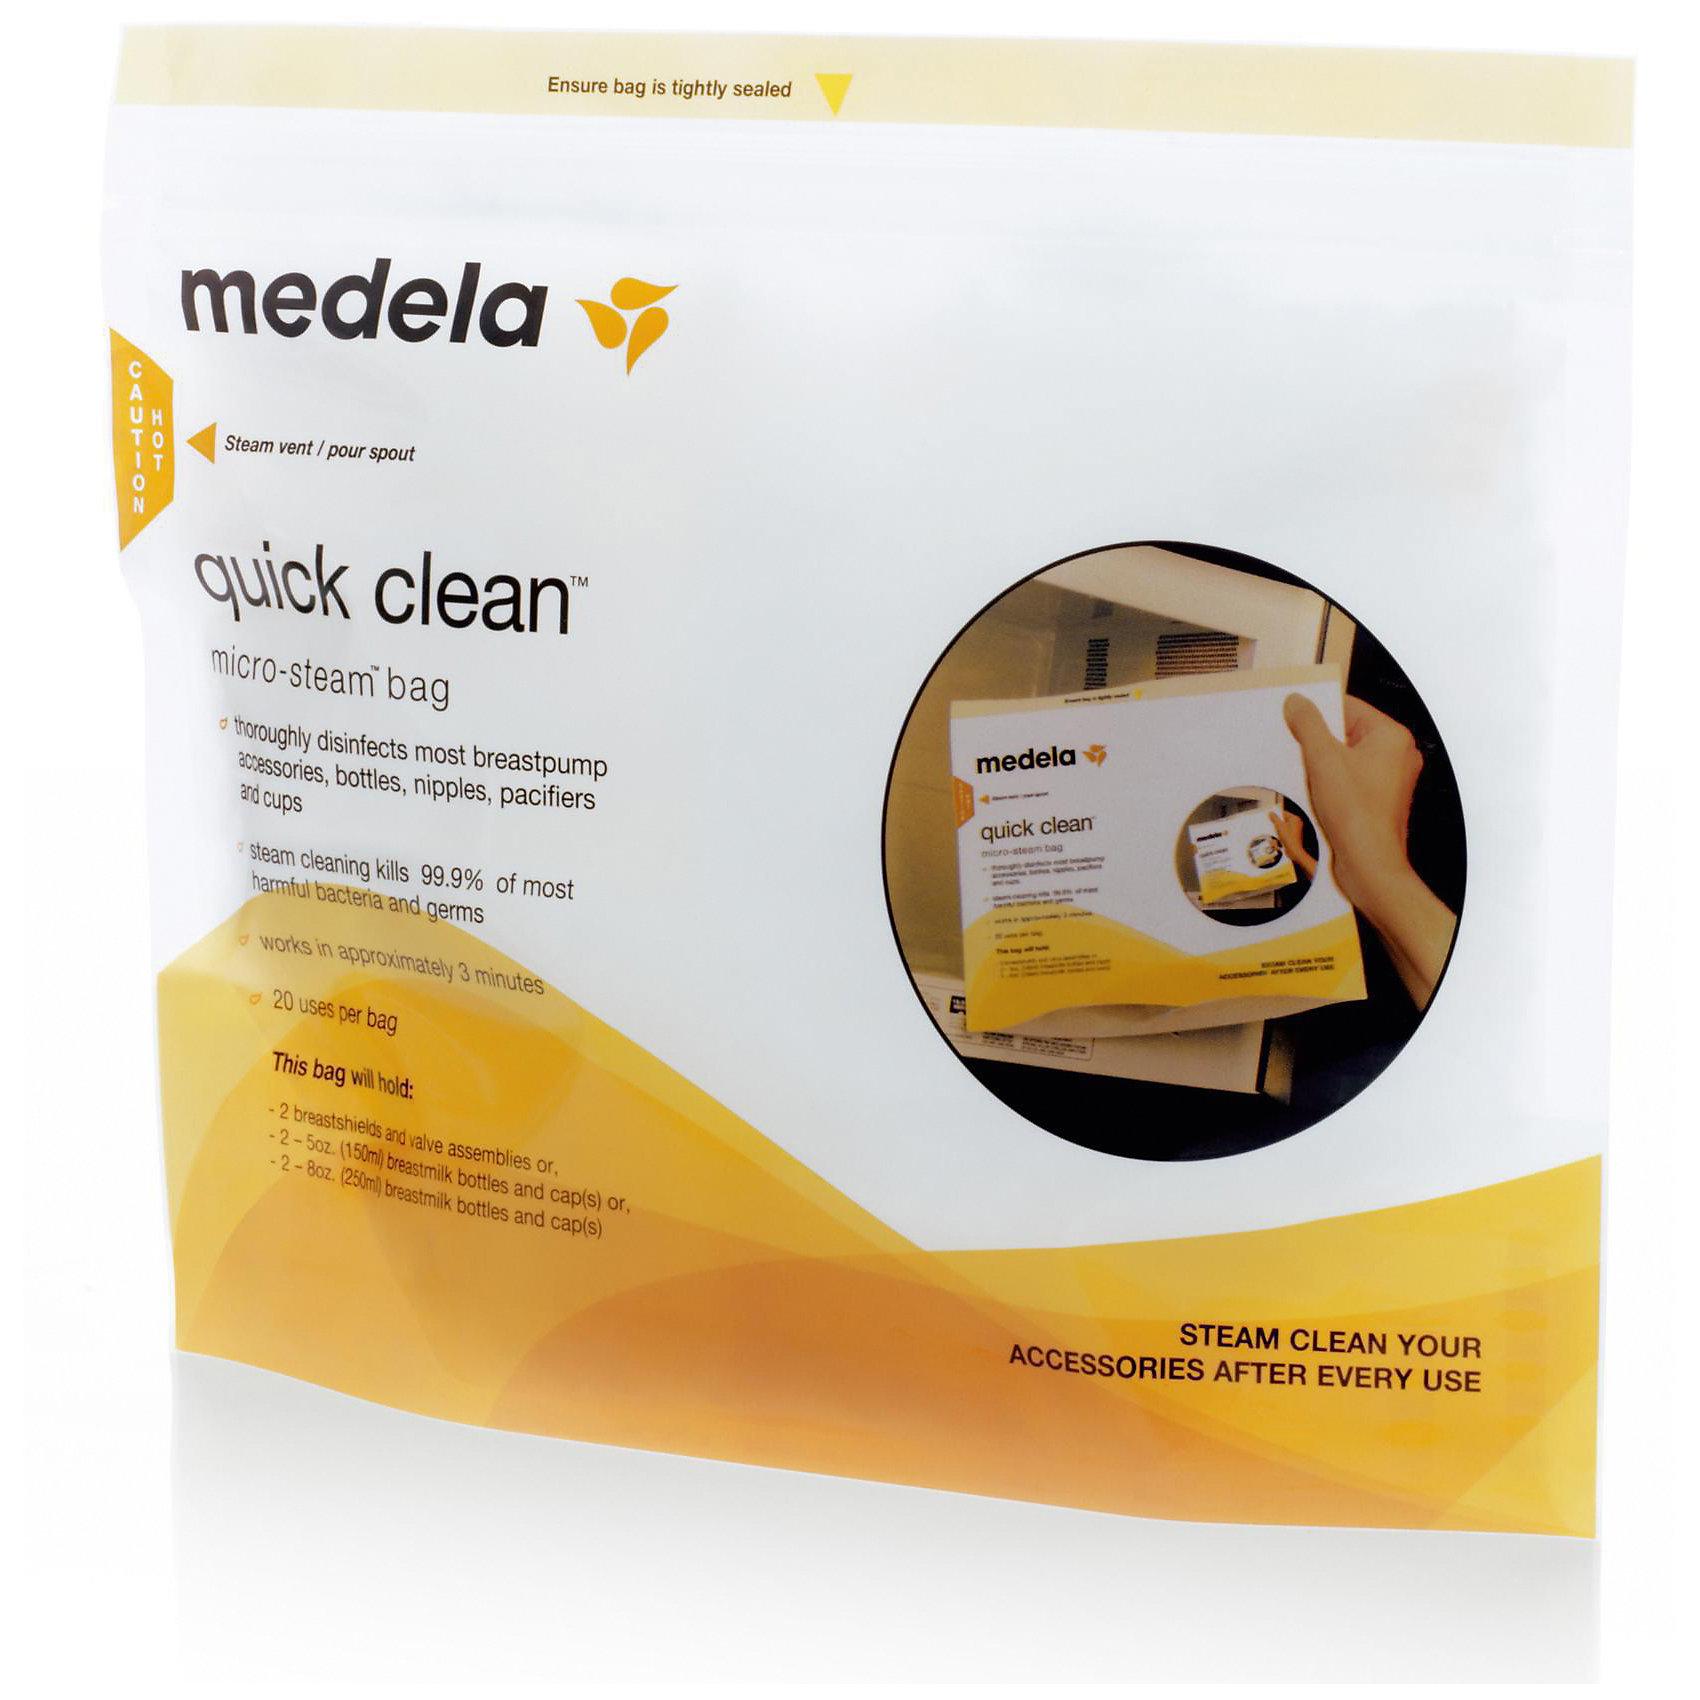 Пакеты  Quick Clean для стерилизации в микроволновой печи. 5 шт/уп, MedelaДетская бытовая техника<br>Пакеты для паровой стерилизации в микроволной печи. Идеальны для стерилизации бутылочек, сосок, пустышек, воронок, трубочек и других деталей молокоотсоса, паровая обработка уничтожает 99.9% наиболее распространенных бактерий и микробов; каждый пакет может быть использован до 20 раз. Имеют область для маркировки, на которой можно отмечать количество проведенных стерилизаций.<br><br>Дополнительная информация:<br><br>- Время стерилизации: 3 мин.<br>- Материал: полипропилен.<br>- Размер: 14,5 см х 10,5 см х 5 см.<br>- Пакет может быть использован до 20 раз.<br>- Комплектация: 5 пакетов для стерилизации.<br>- Удобная защелка- молния. <br>- Не содержит Бисфенол-А. <br><br>Пакеты  Quick Clean для стерилизации в микроволновой печи. 5 шт./уп, Medela (Медела) можно купить в нашем магазине.<br><br>Ширина мм: 150<br>Глубина мм: 110<br>Высота мм: 52<br>Вес г: 102<br>Возраст от месяцев: -2147483648<br>Возраст до месяцев: 2147483647<br>Пол: Унисекс<br>Возраст: Детский<br>SKU: 3937727